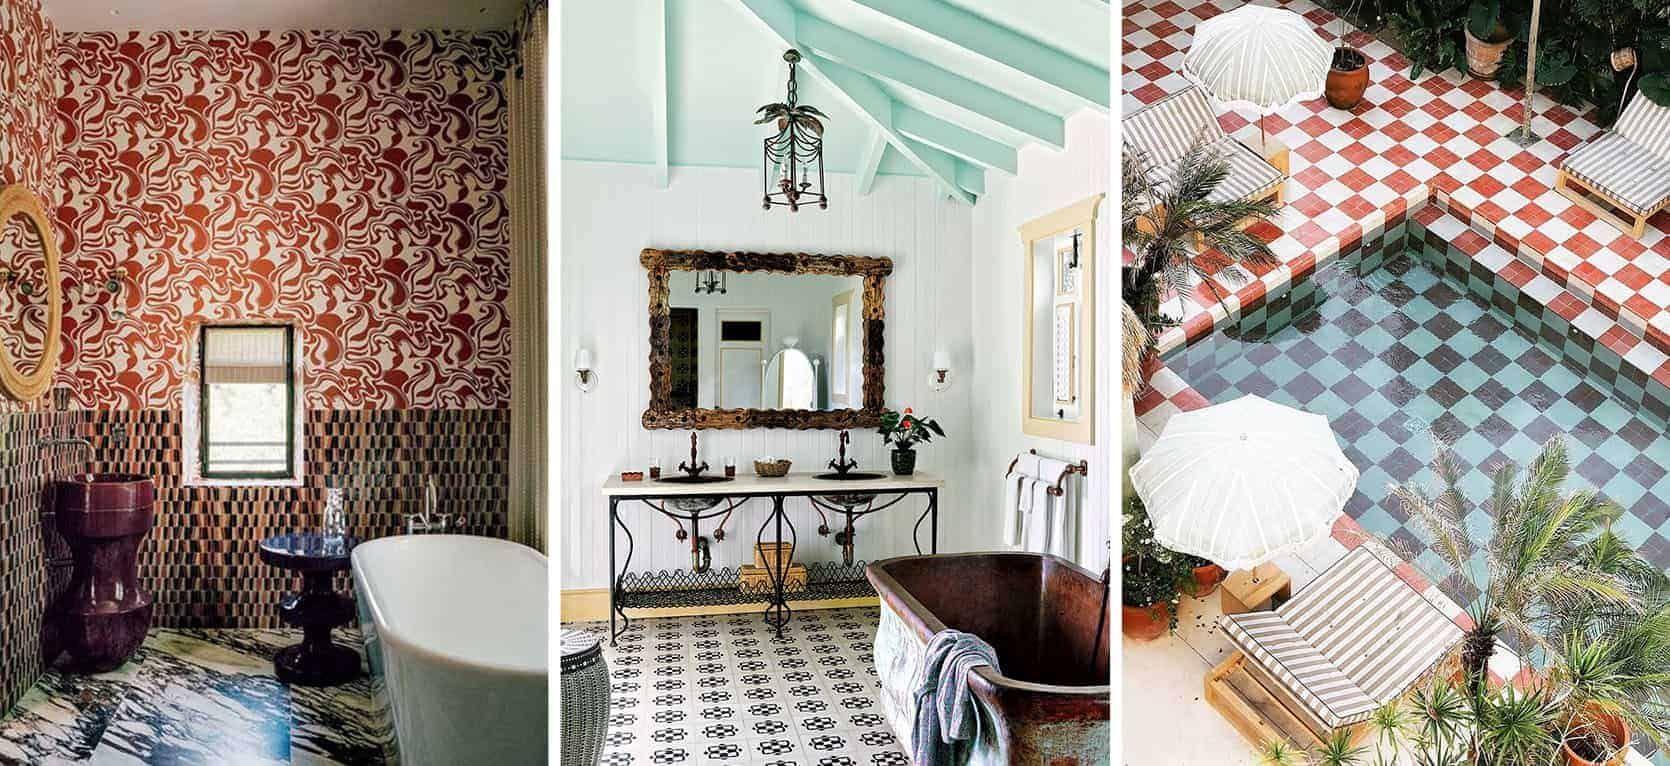 Popular Tile Trends